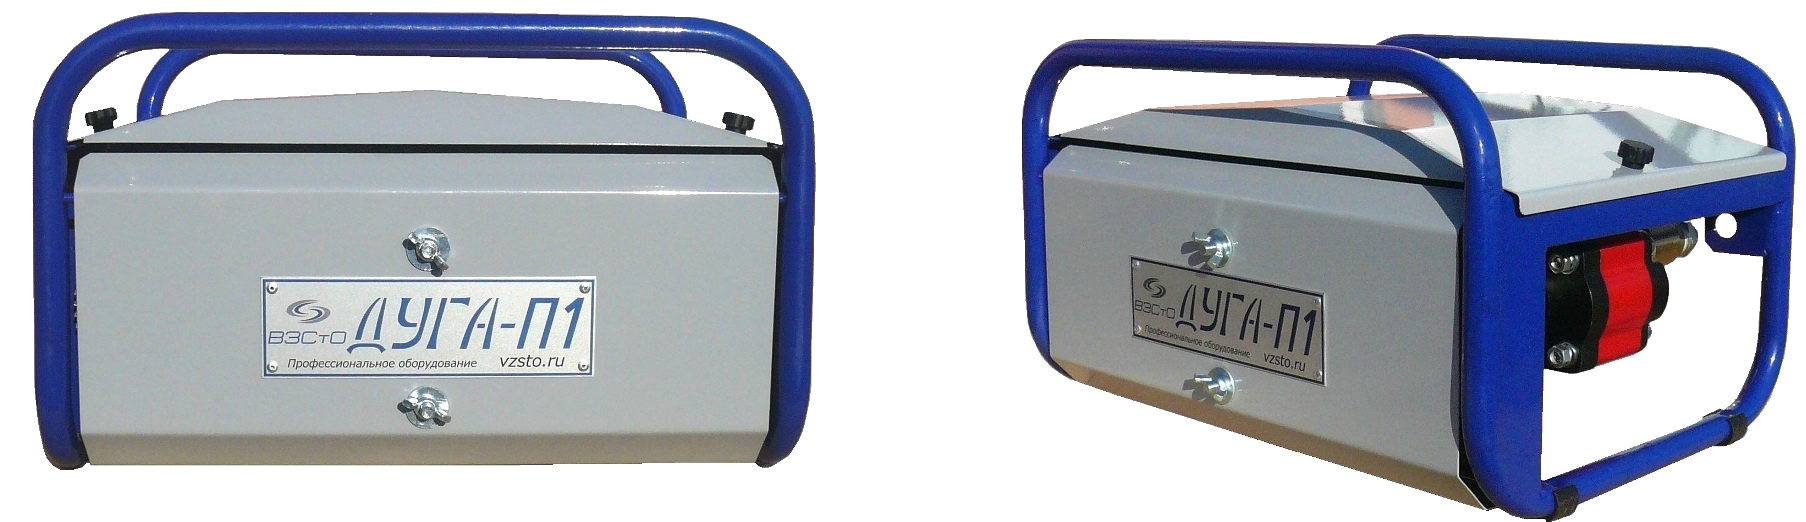 Оборудование для пенополиуретана Дуга П1